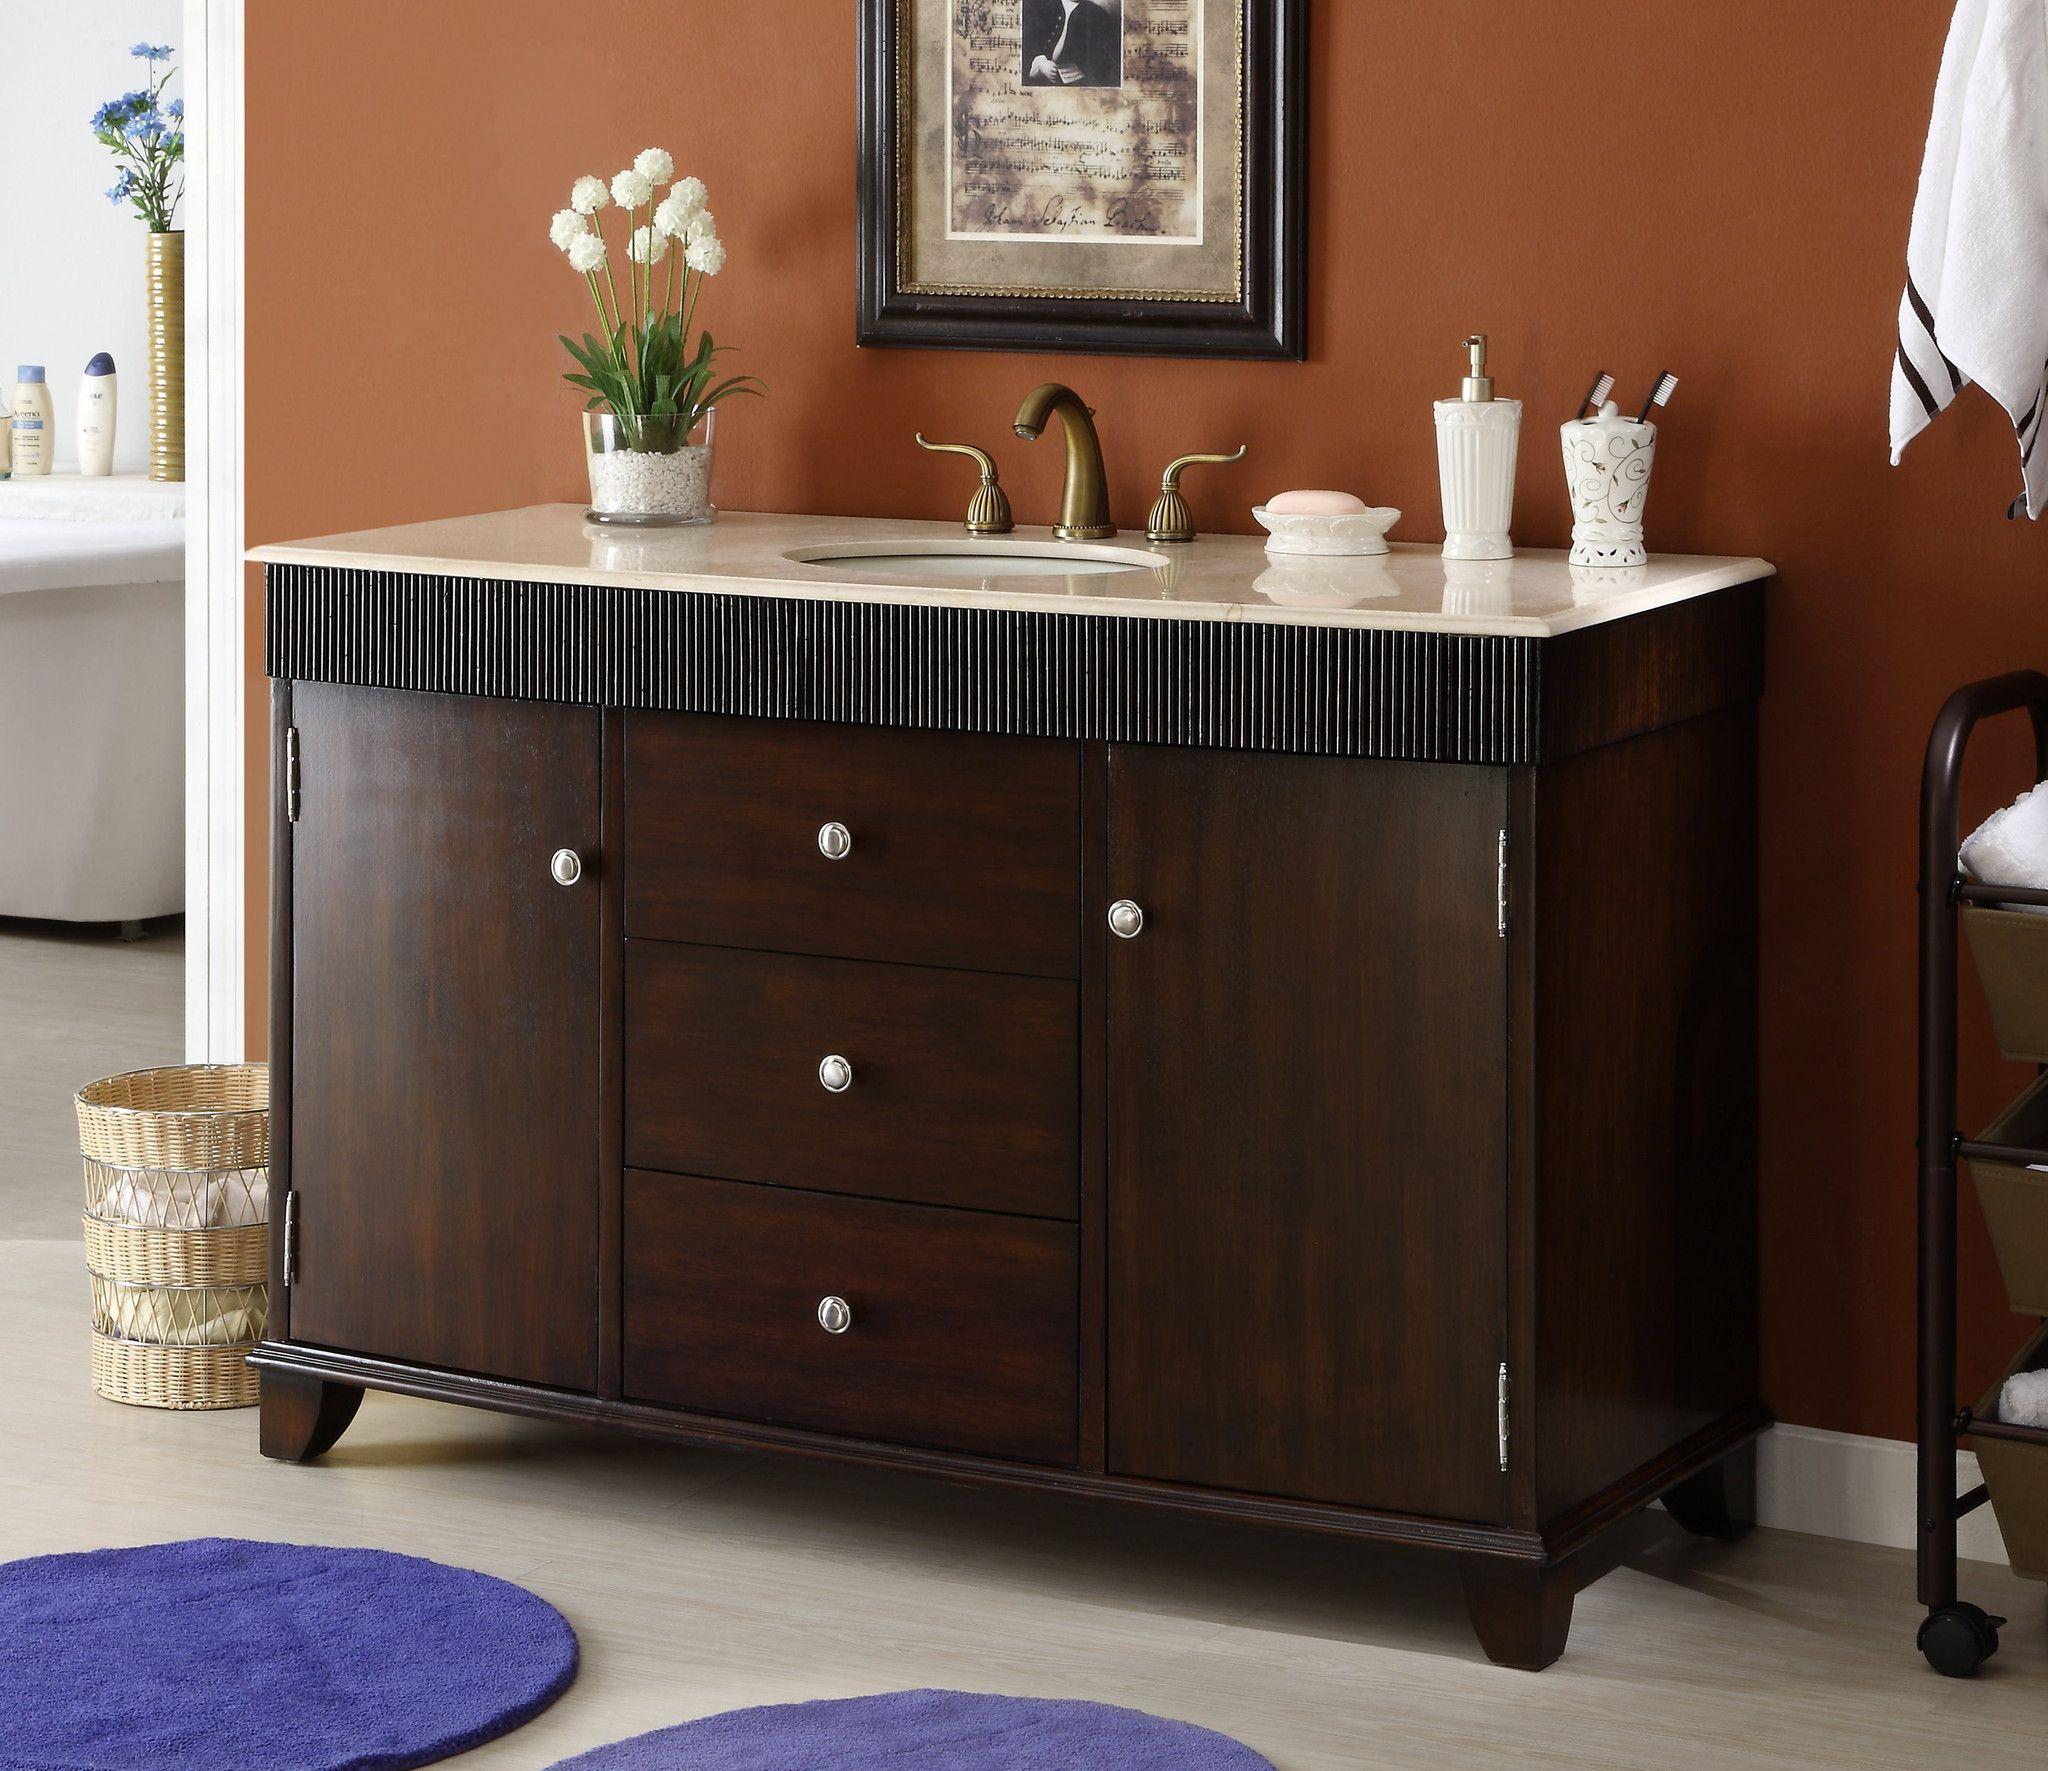 54 Contemporary Felton Bathroom Sink Vanity Cabinet Model Q154m